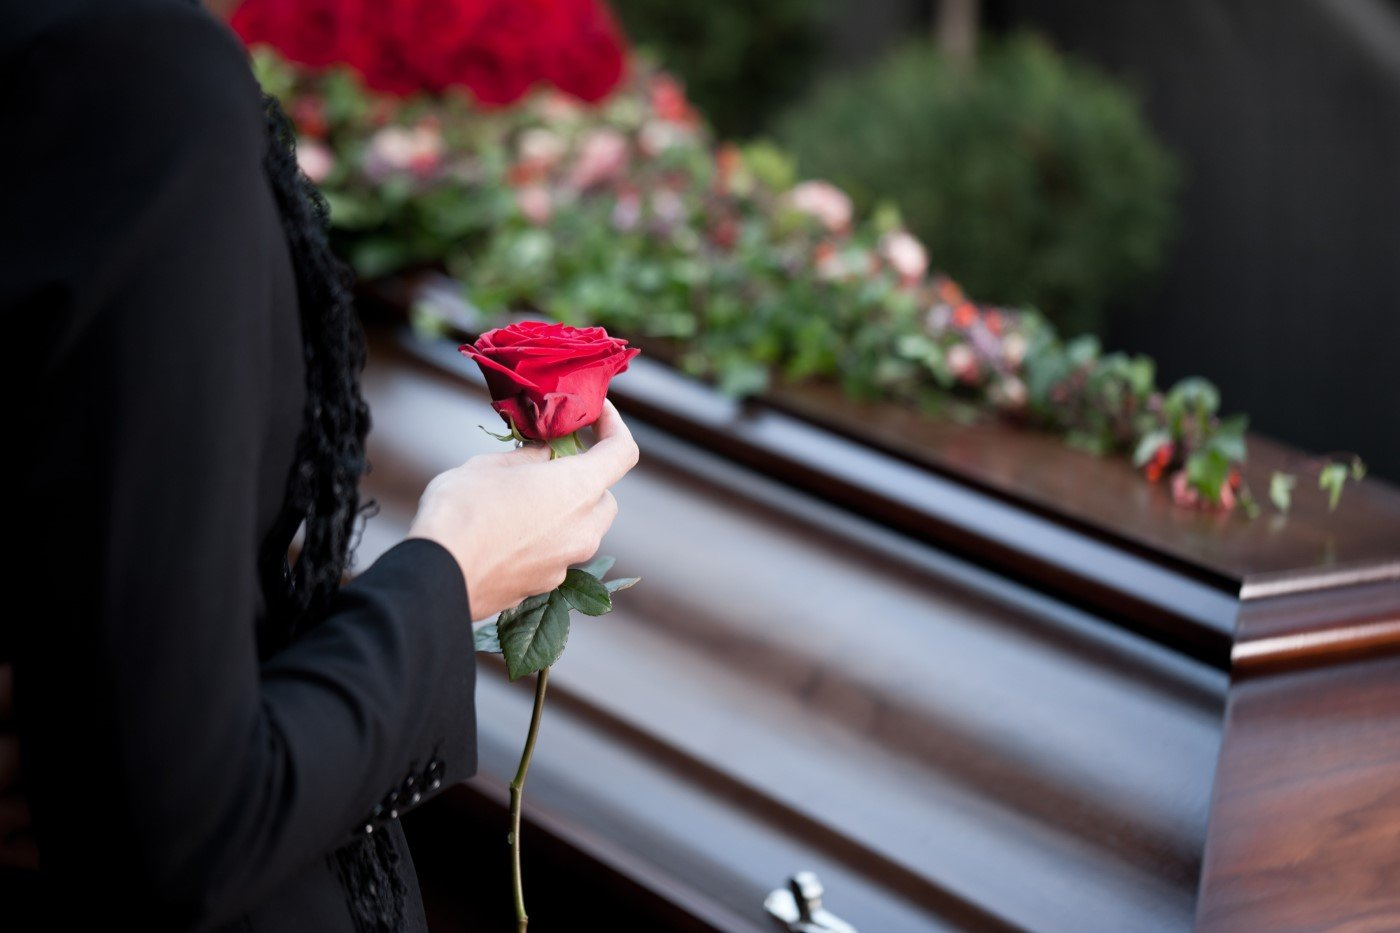 donna con una rosa in mano davanti a una bara